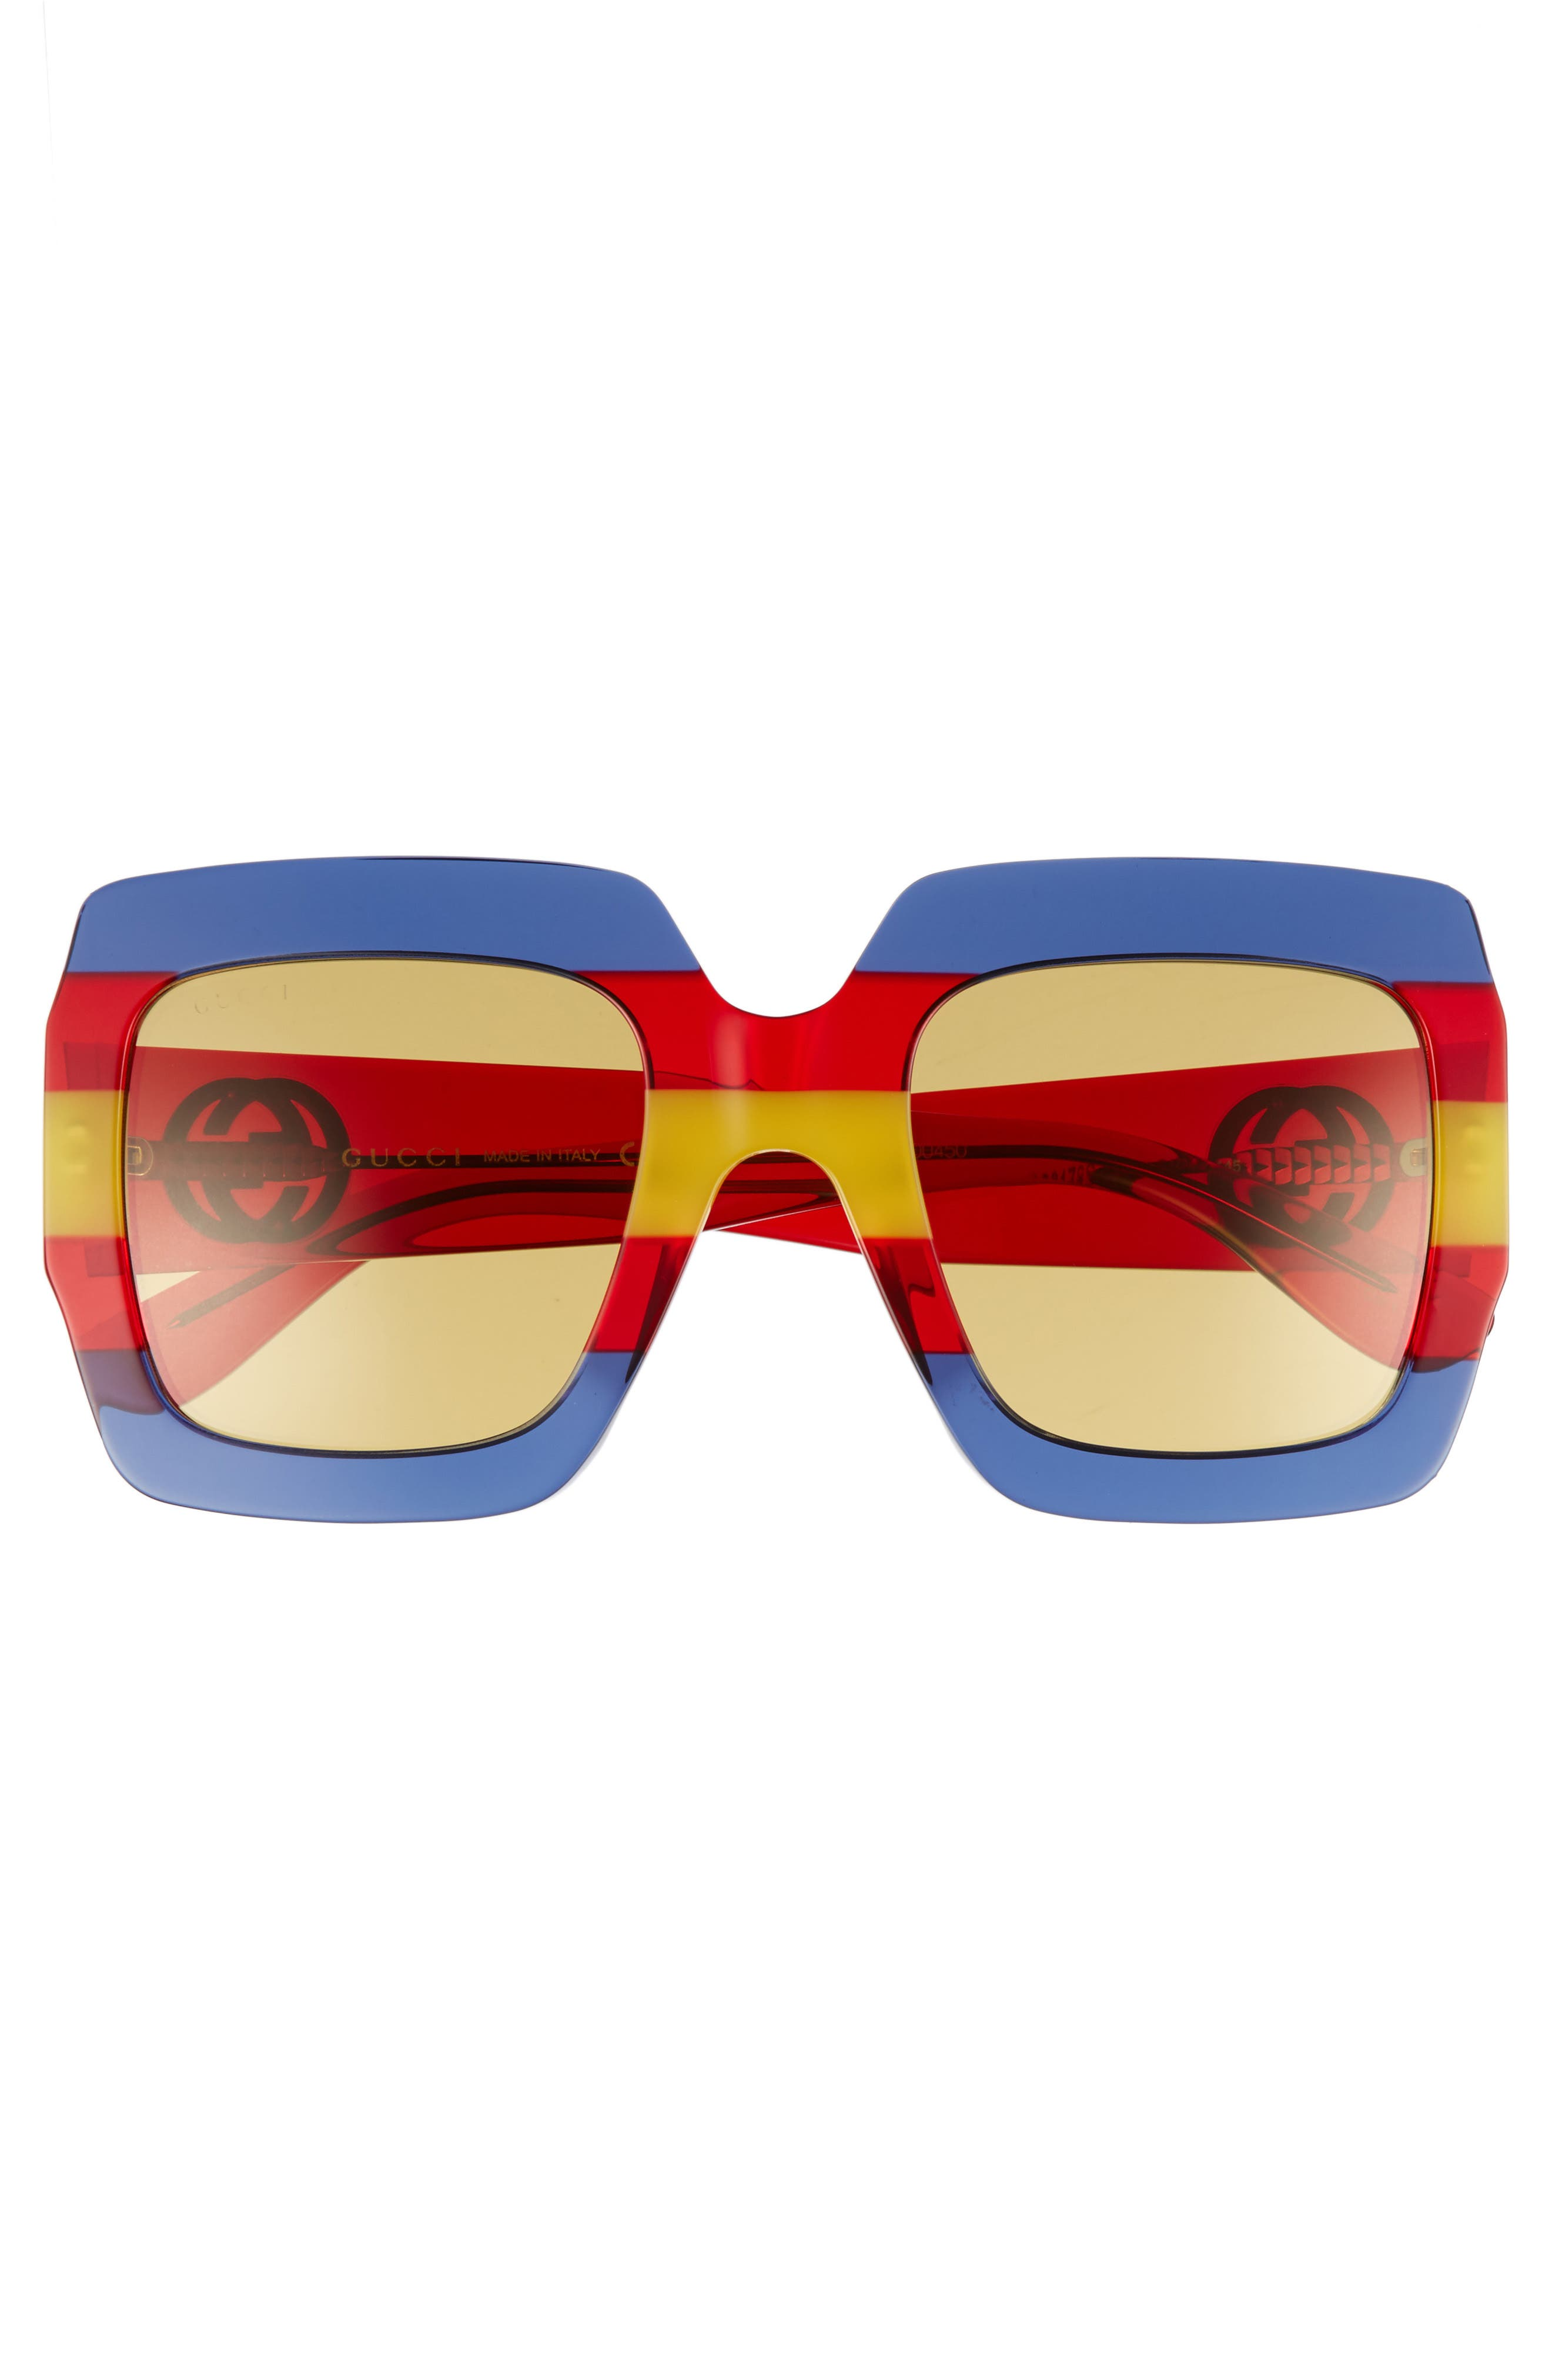 54mm Square Sunglasses,                             Alternate thumbnail 3, color,                             Multi/ Blue